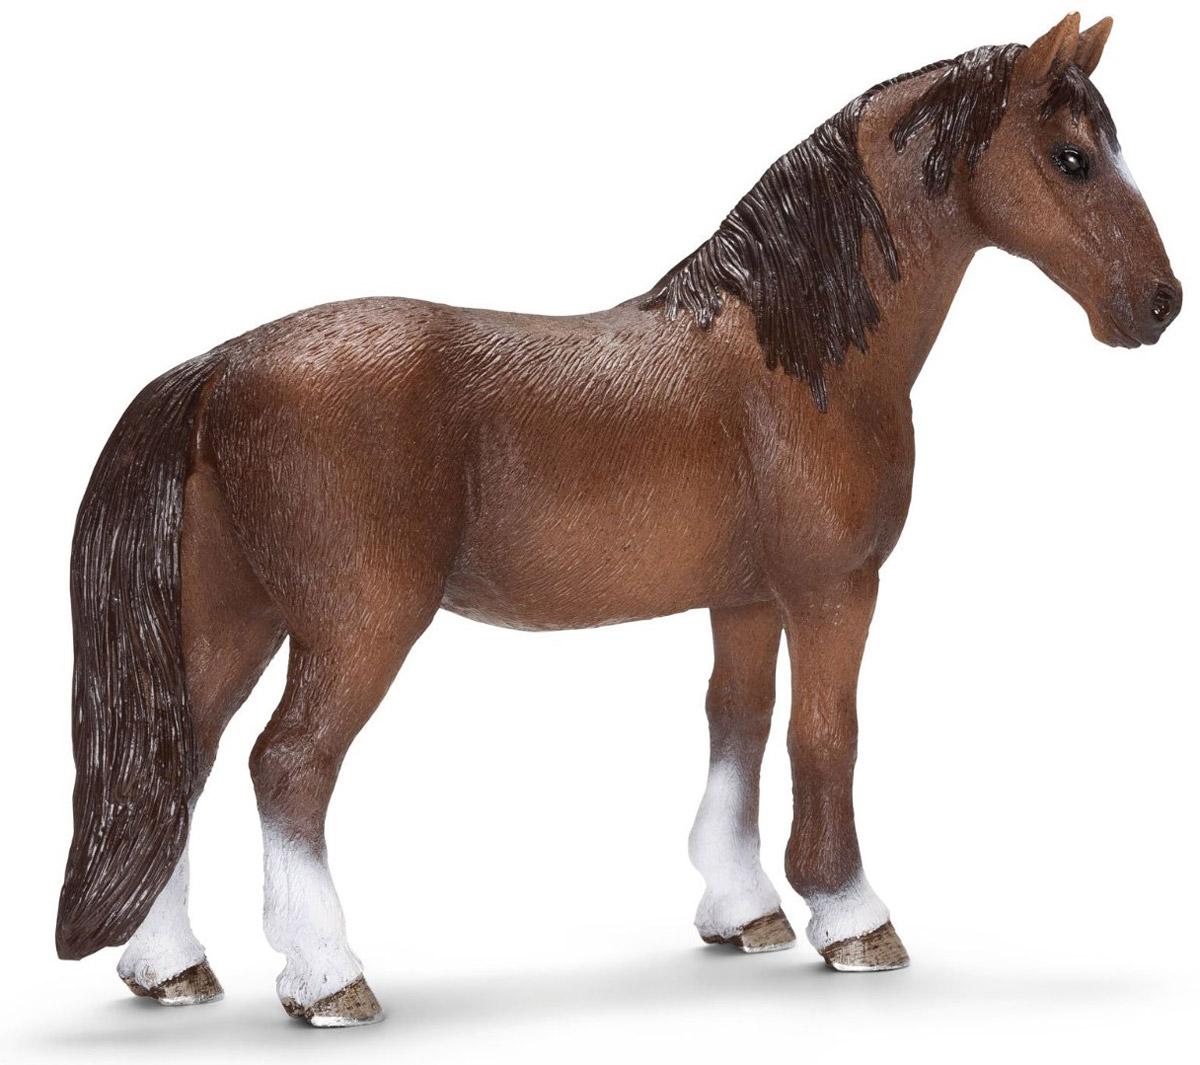 Schleich Фигурка Кобыла Теннесси уокер13713Теннессийская лошадь представляет американский штат Теннесси. Эта лошадь известна своим особым типом походки, ускоренной формой прогулки. Эта порода была разработана в США для владельцев плантаций, ее особый способ ходьбы невероятно удобен для каждого погонщика. Фигурка Schleich Кобыла Теннесси уокер, раскрашенная вручную, выполнена из безопасного материала - пластика. Компания Schleich специализируется на выпуске детских игрушек, знакомящих с окружающей средой, развивающих творческое мышление, мелкую моторику рук.